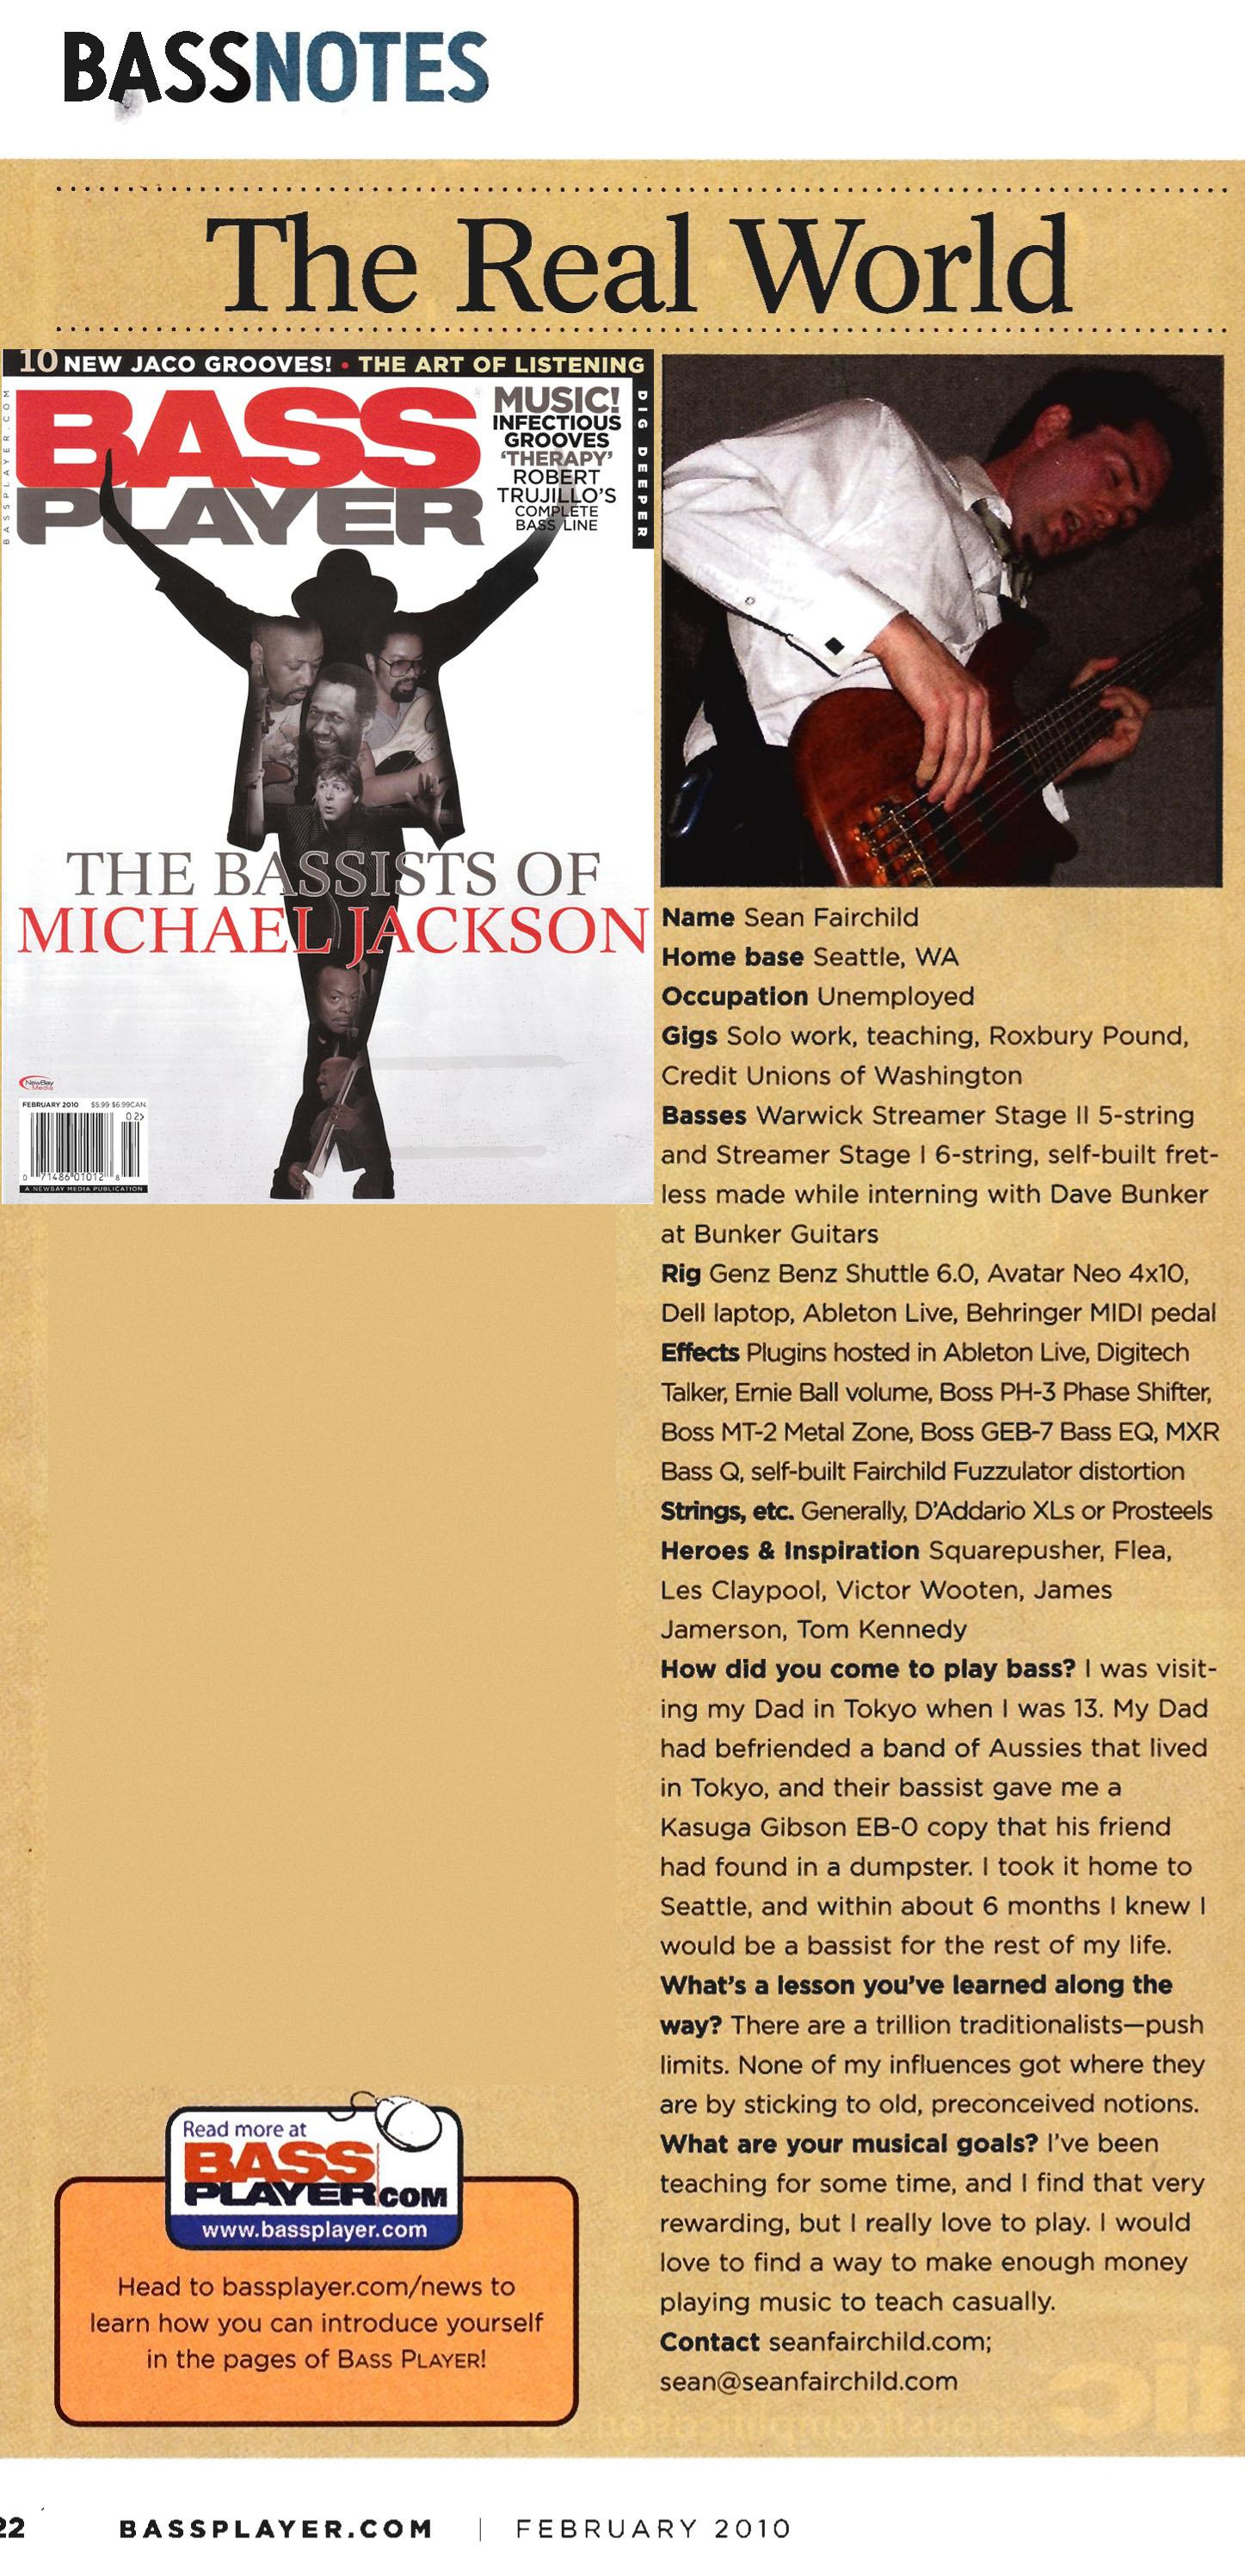 Bass Player Magazine Reader Spotlight feature